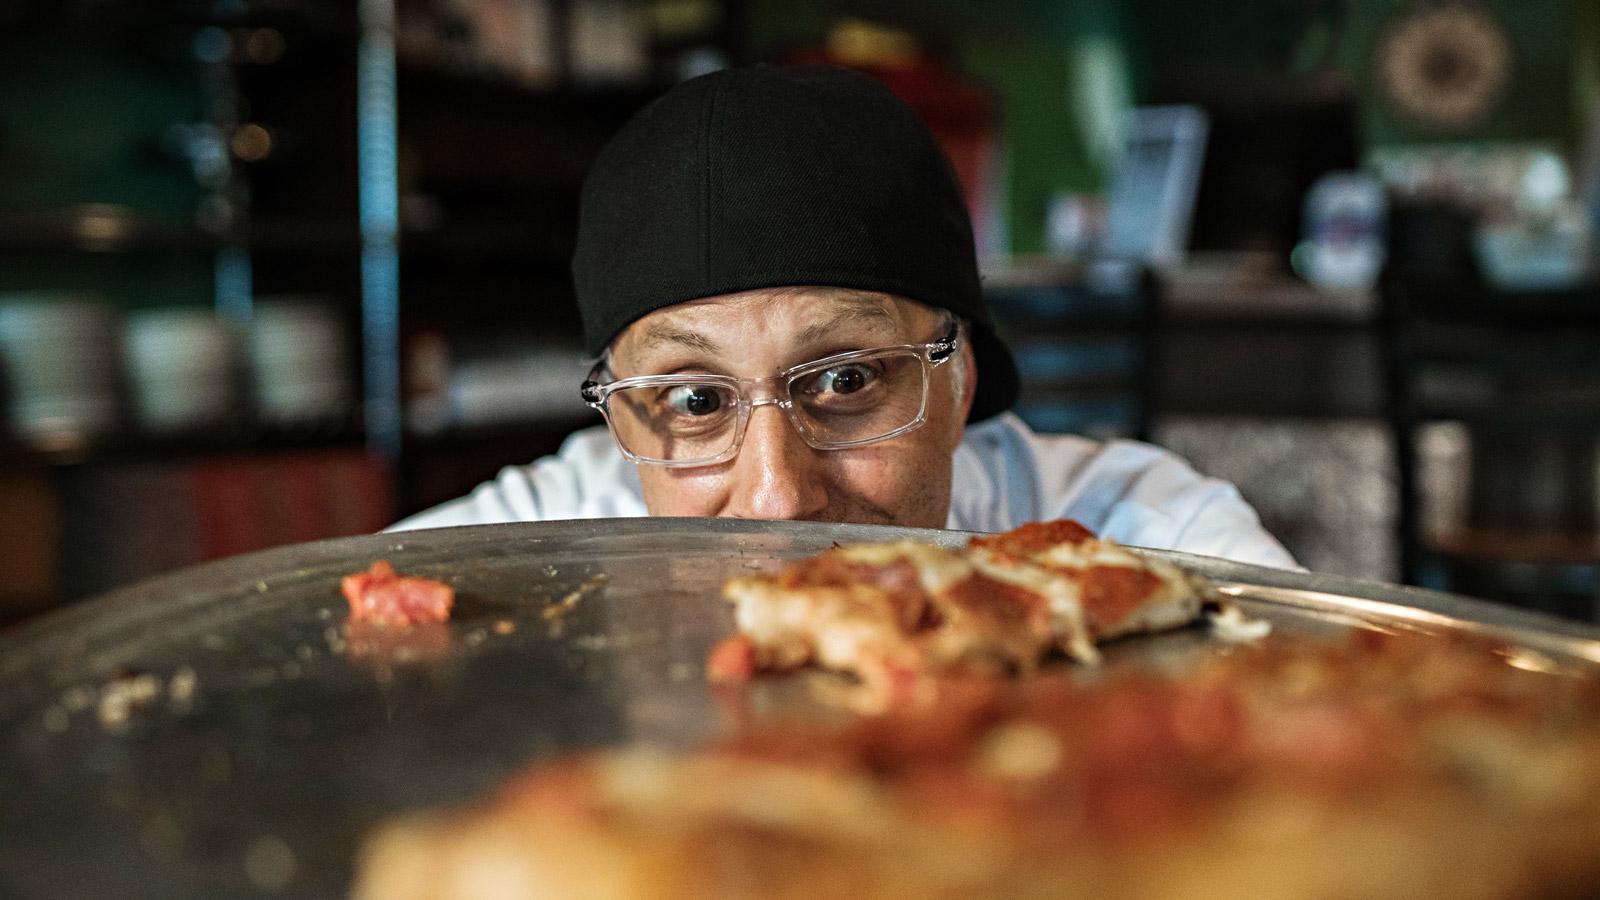 smile pizza og grill